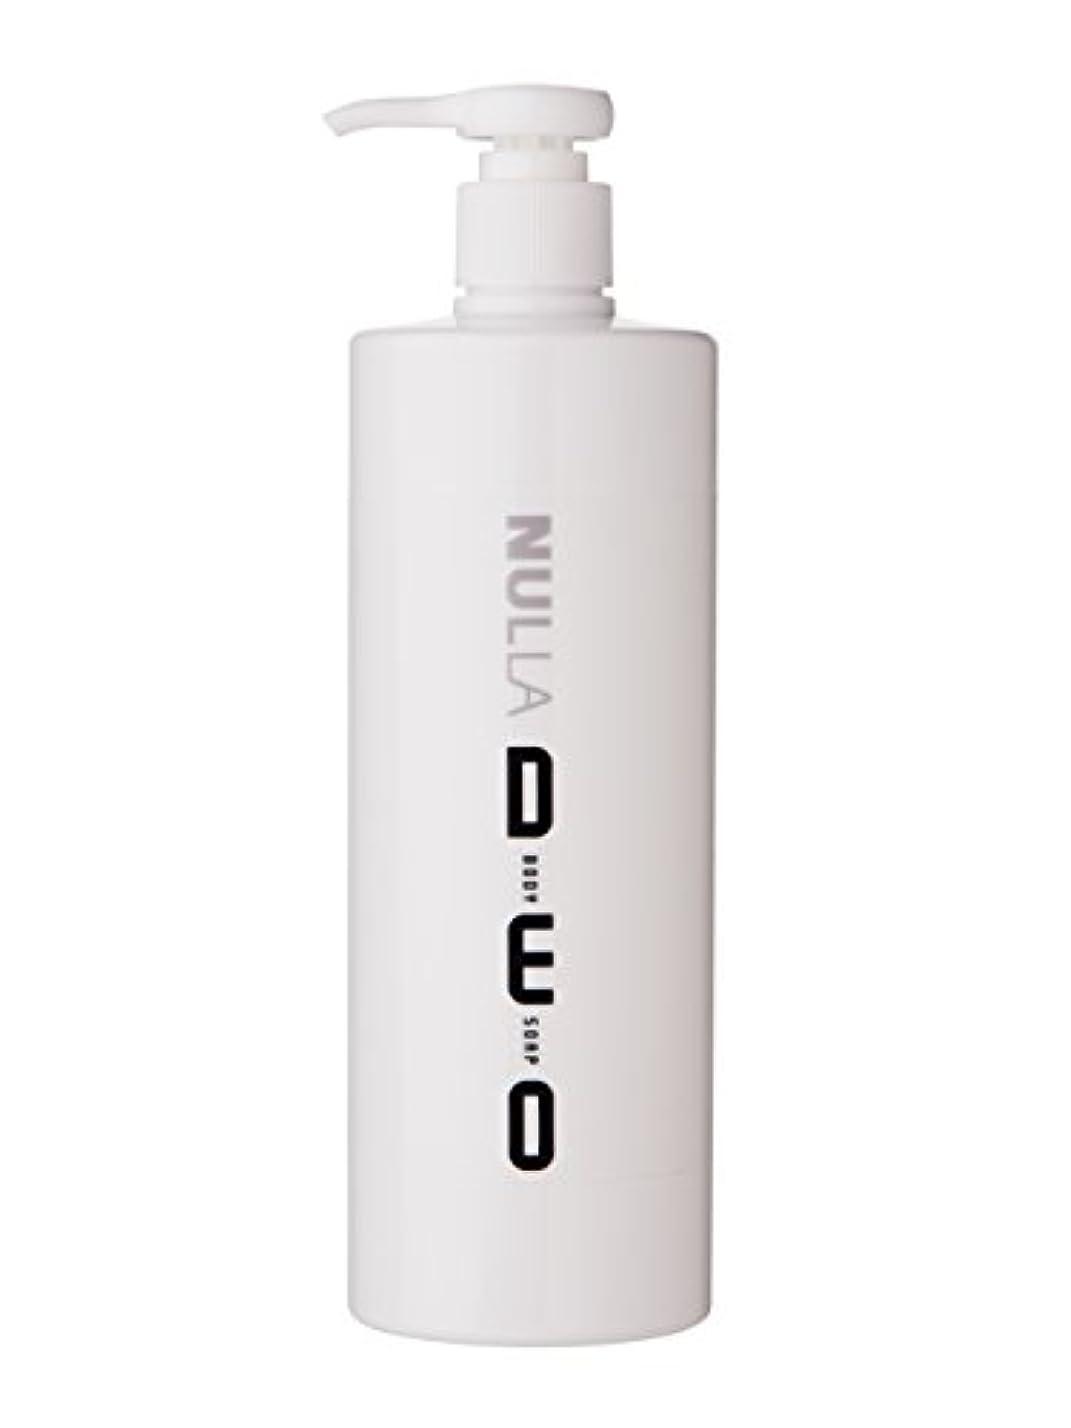 法律によりピンますますNULLA(ヌーラ) ヌーラデオ ボディソープ [ニオイ菌を抑制] 500ml 日本製 加齢臭 体臭 対策 シャボンの香り